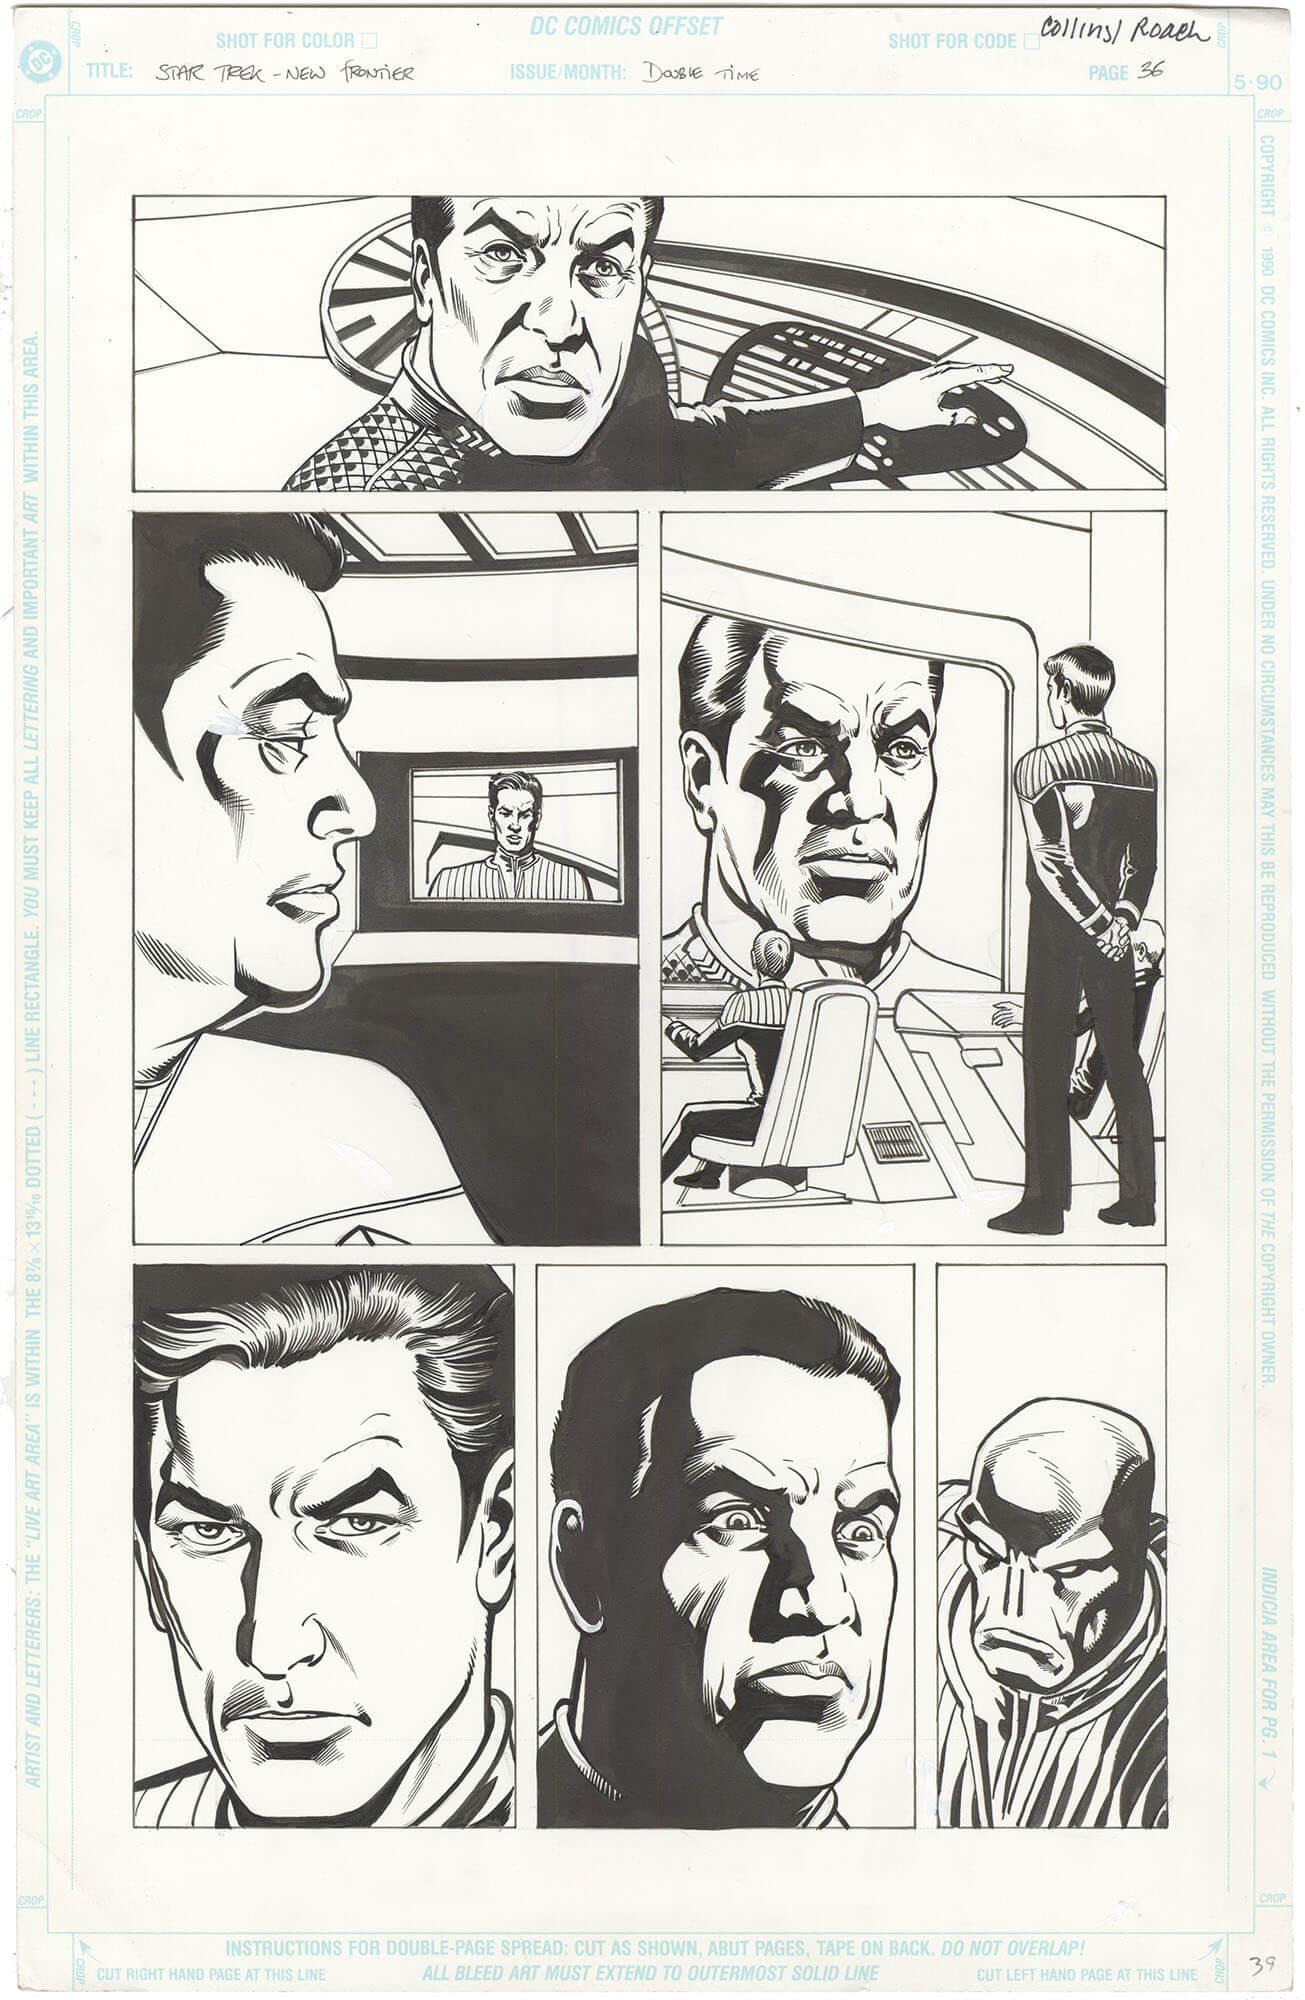 Star Trek: New Frontier - Double Time p36